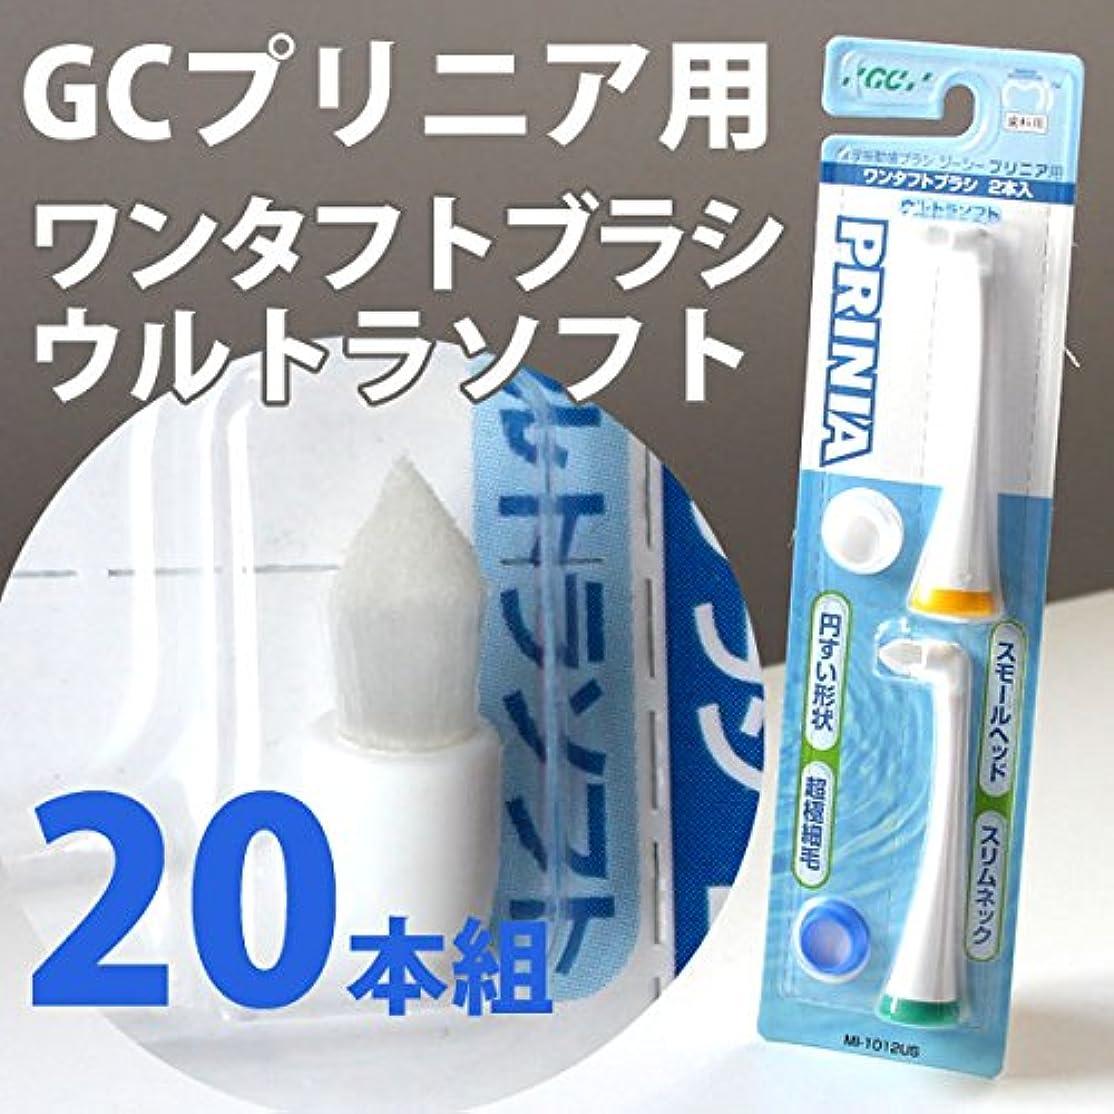 ドール選出する打ち負かすプリニア ワンタフト GC 音波振動歯ブラシ プリニアスリム 替えブラシ ブラシ(ウルトラソフト) 10セットル便